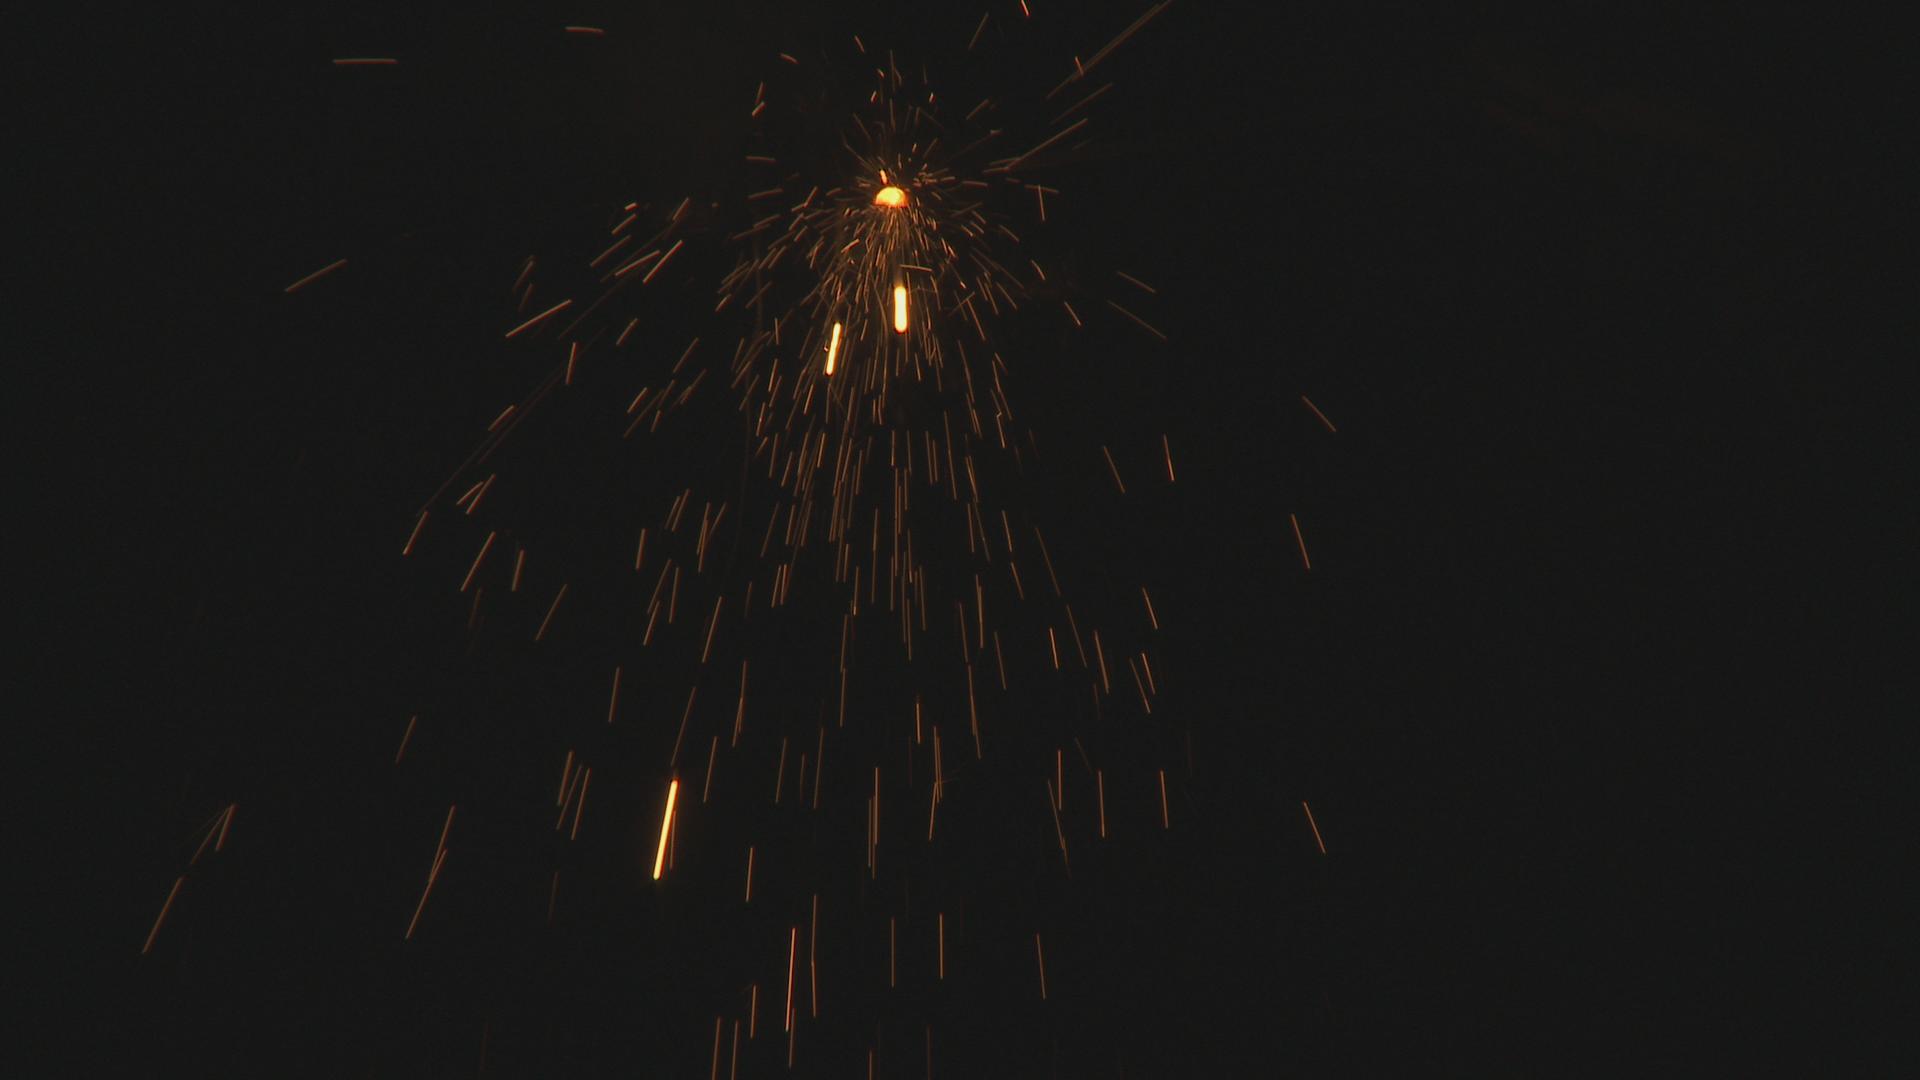 Welding Sparks Png & Free Welding Sparks.png Transparent Images.